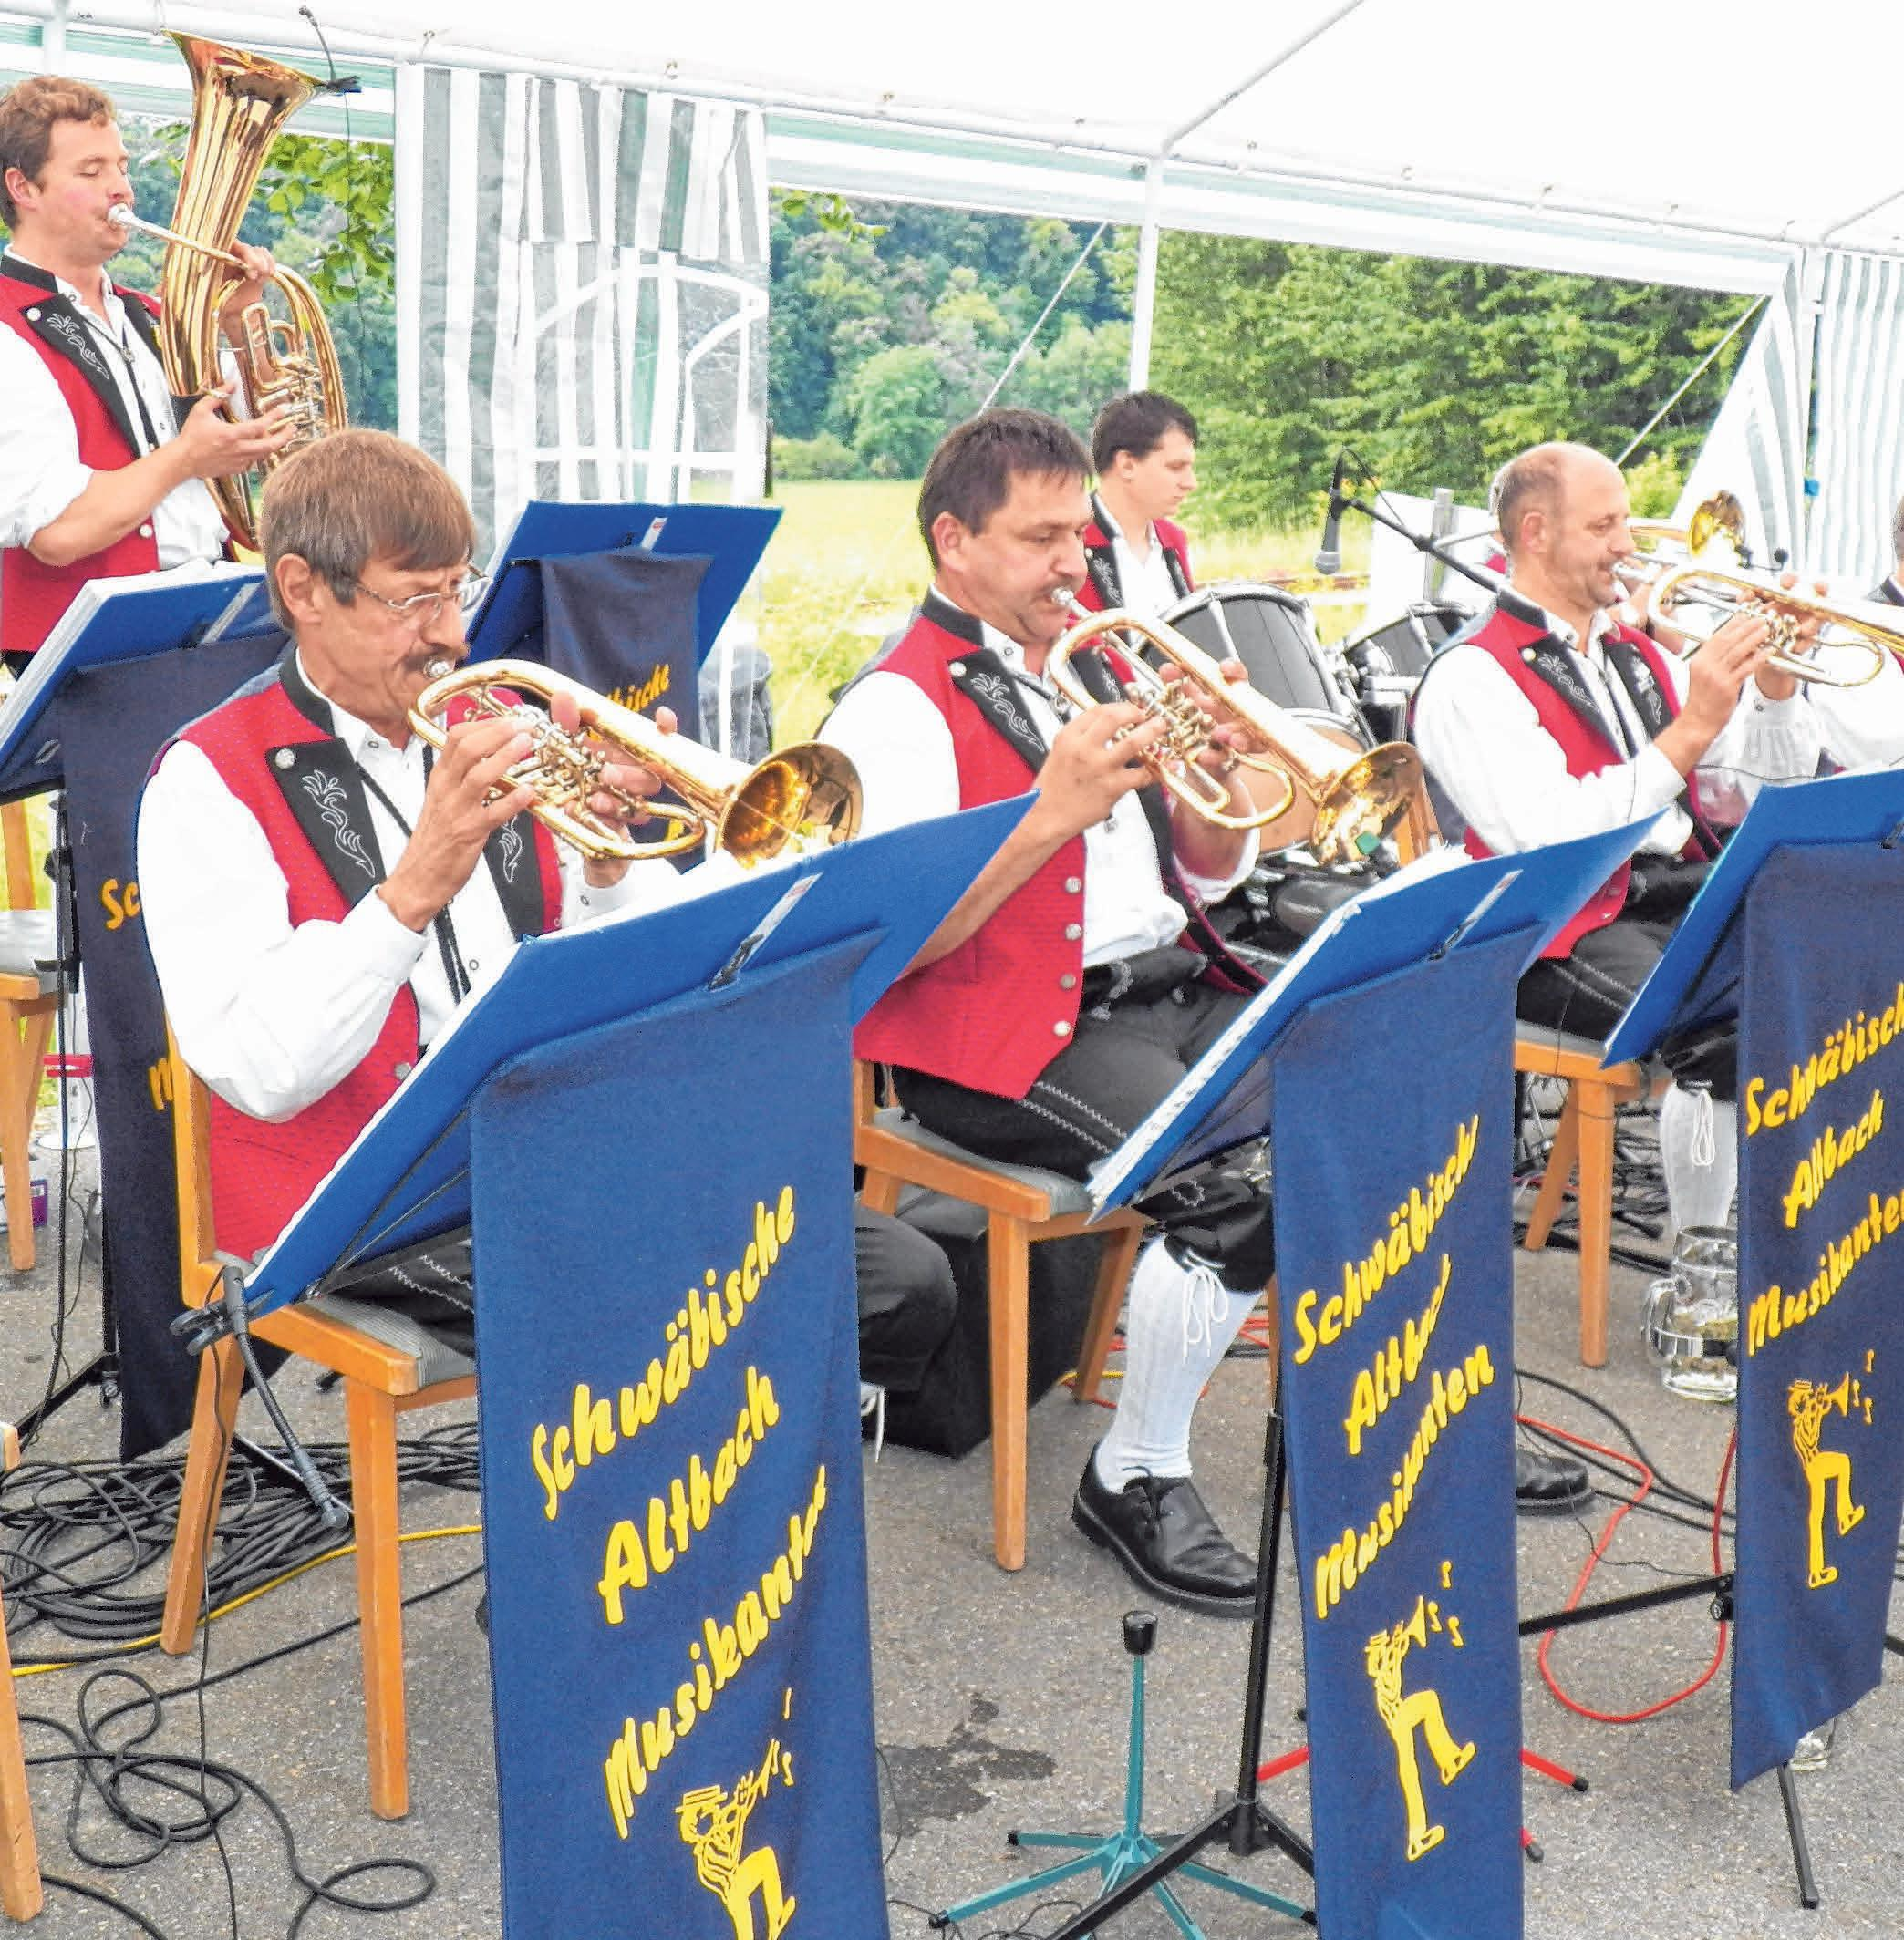 Die Schwäbischen Altbachmusikanten aus Pflummern spielen am Samstag. FOTO: TOBIAS GÖTZ